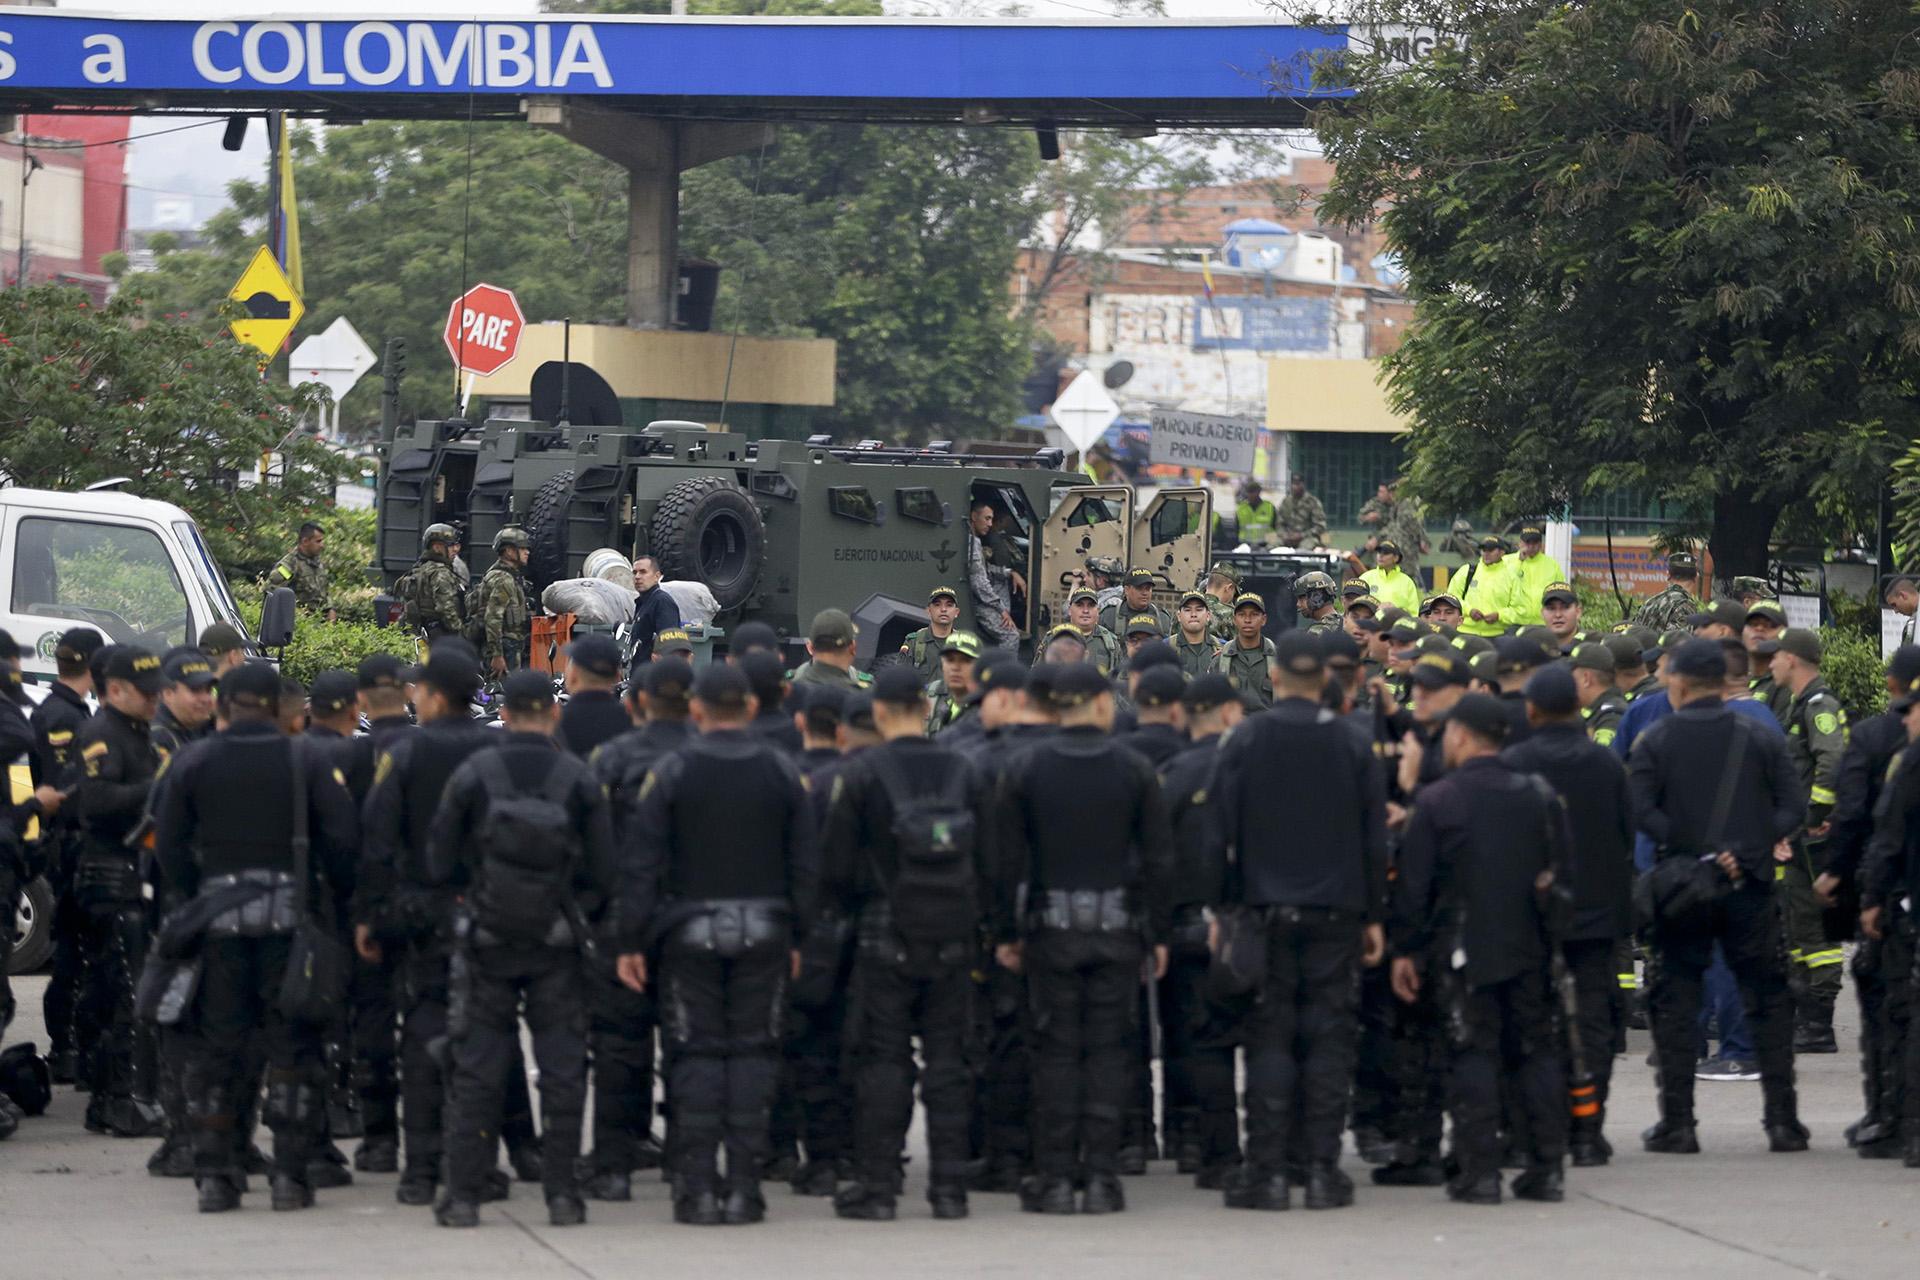 Tensión en la frontera. (AP Photo/Fernando Vergara)